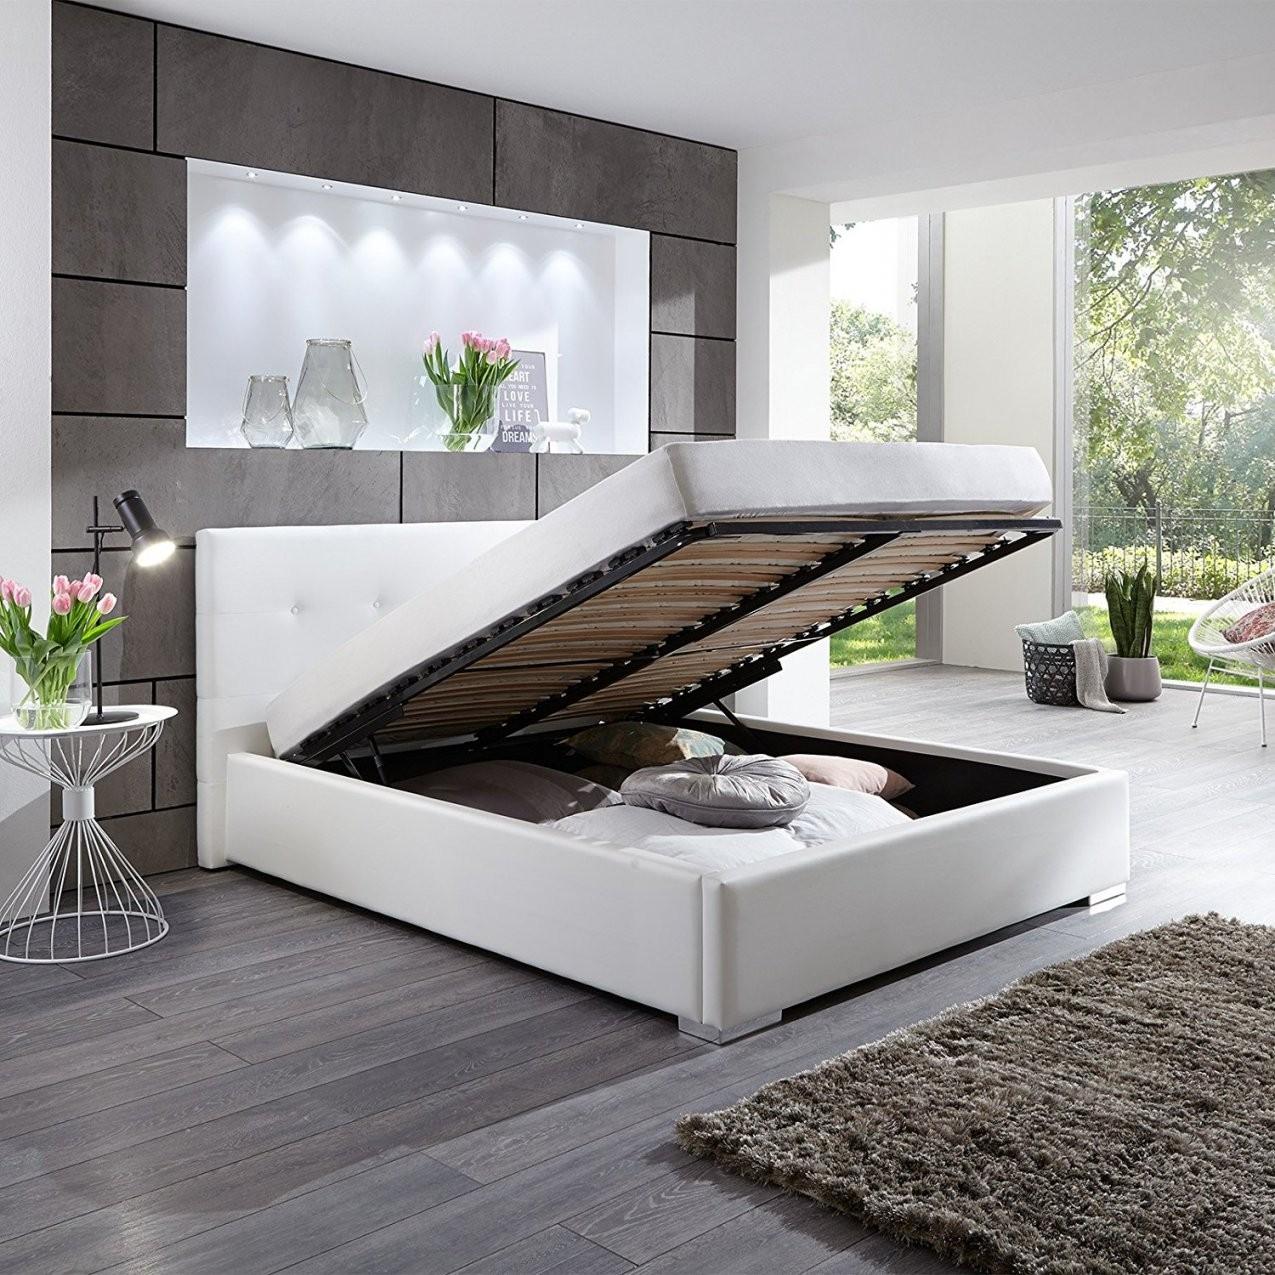 Billige Betten Mit Matratze Und Lattenrost Billiges Bett Gunstige von Bett 140X200 Mit Matratze Und Lattenrost Günstig Photo